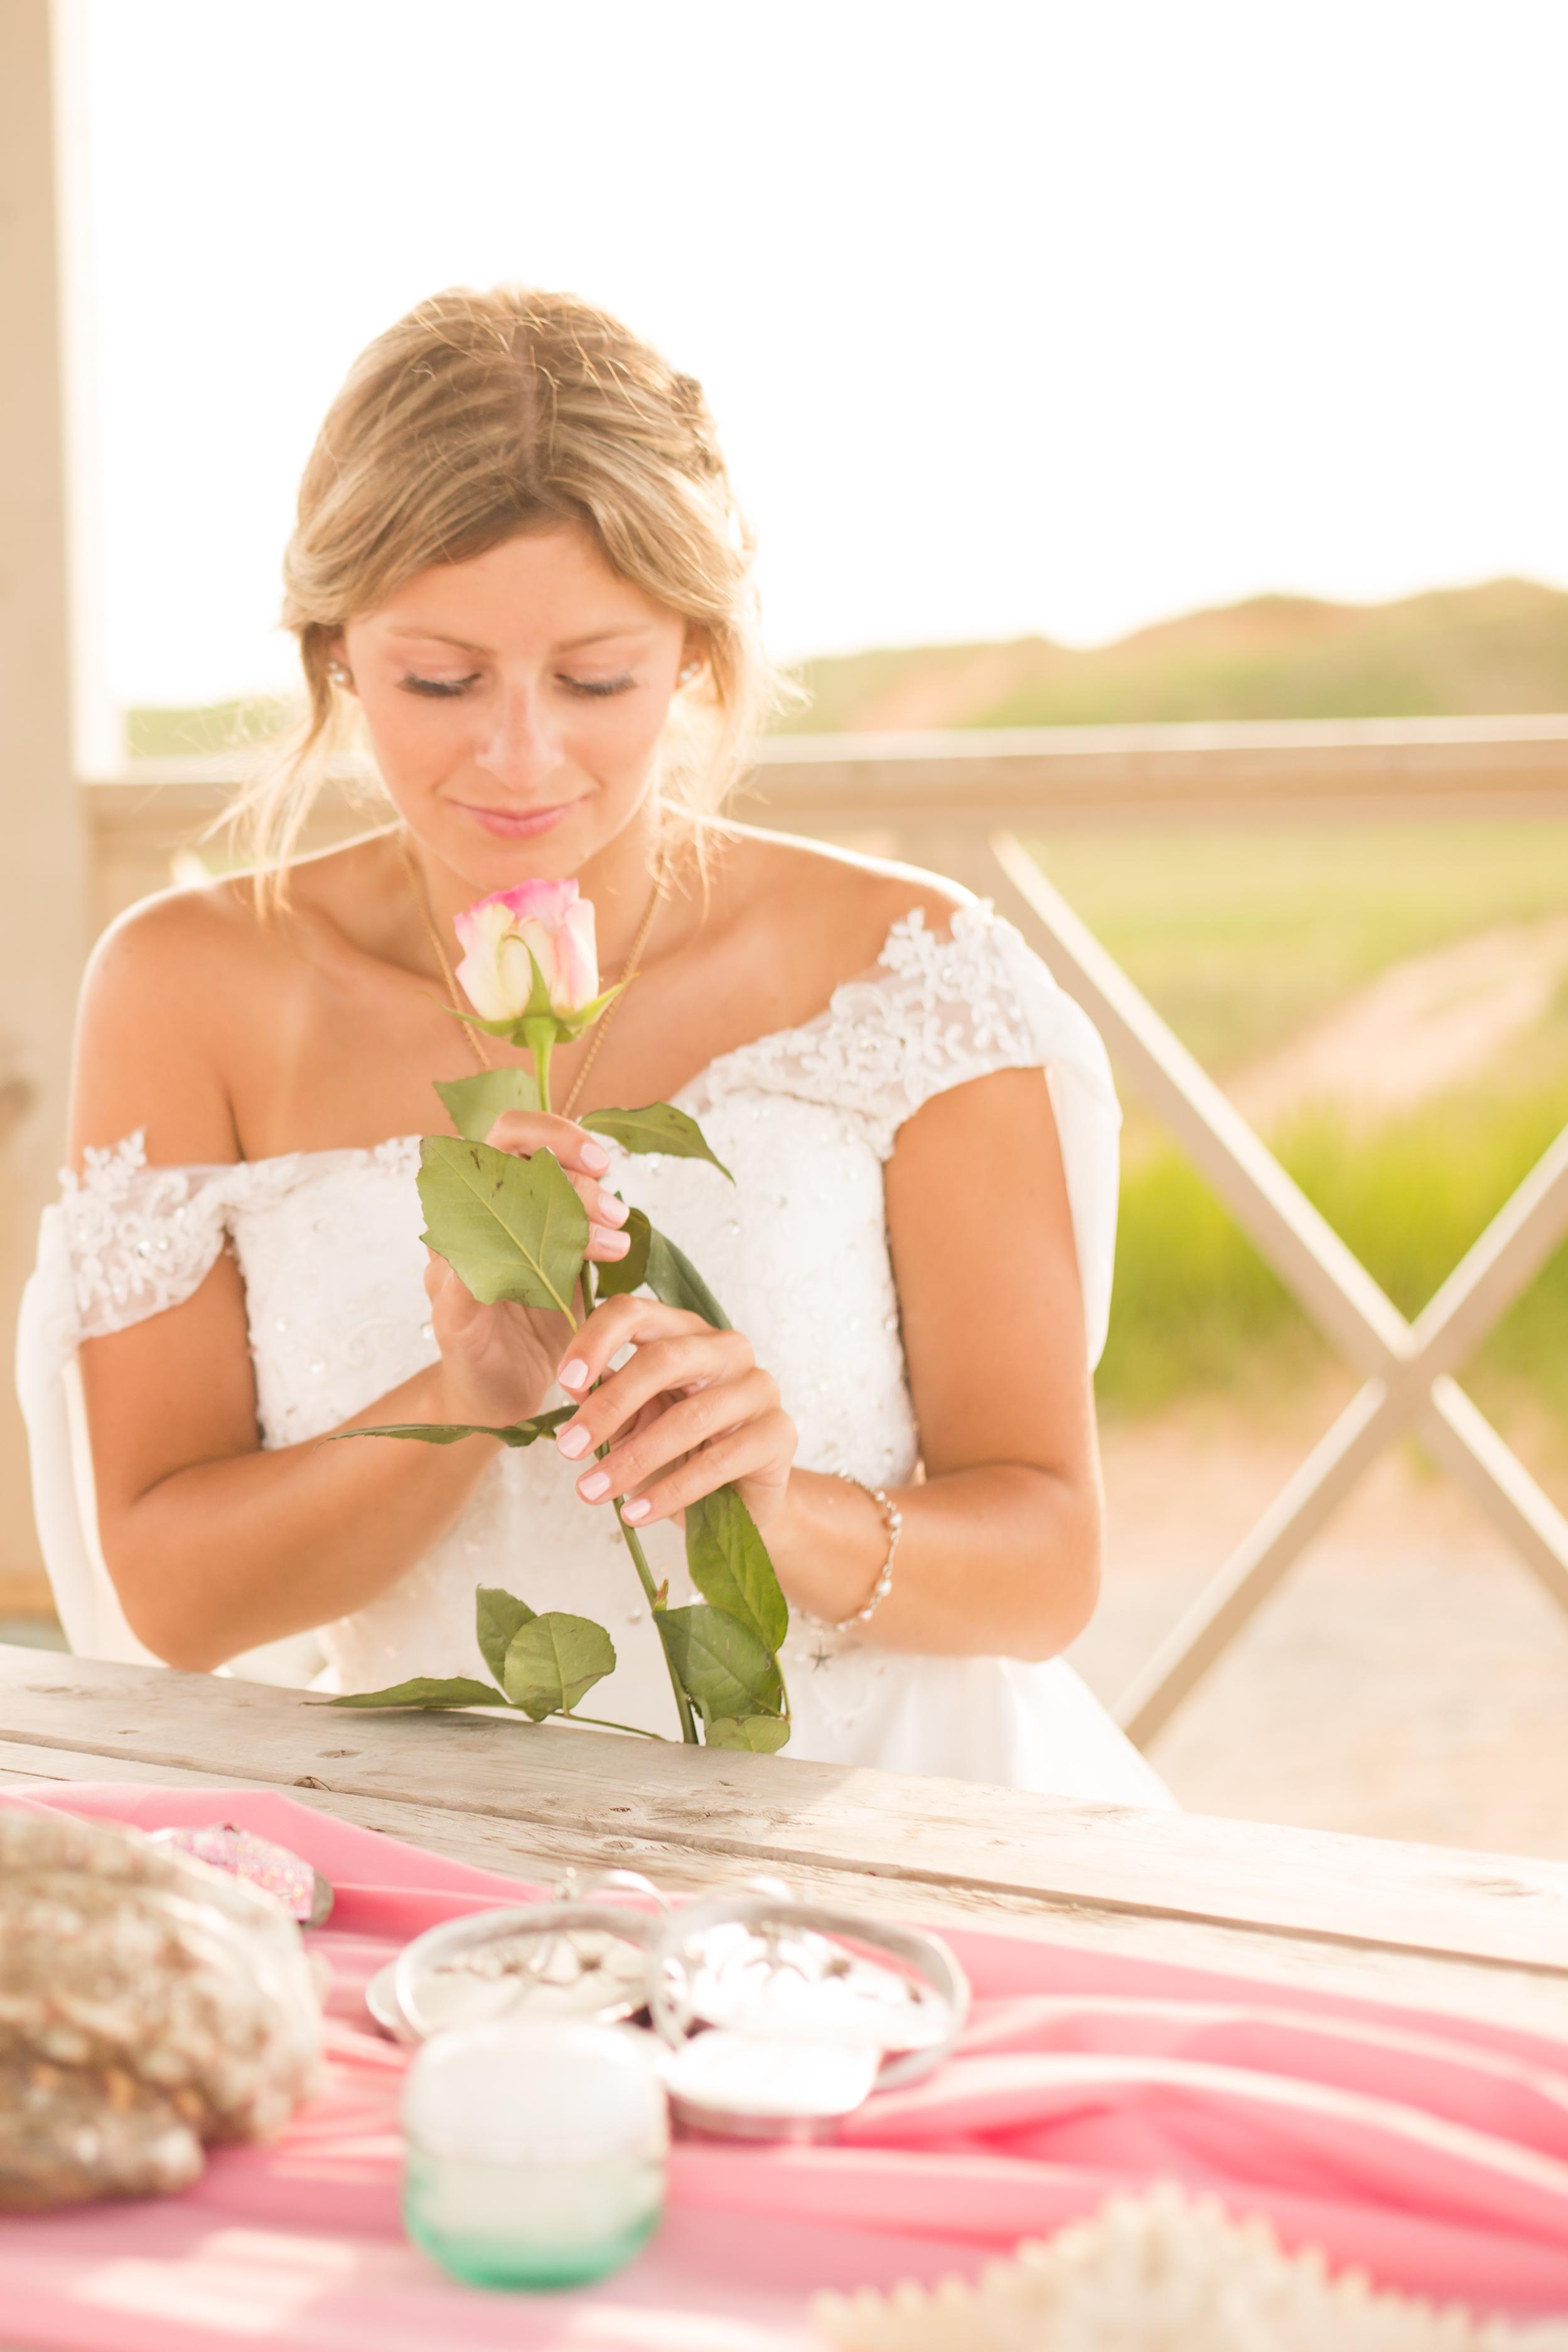 creatif-mariage-juin-35.jpg